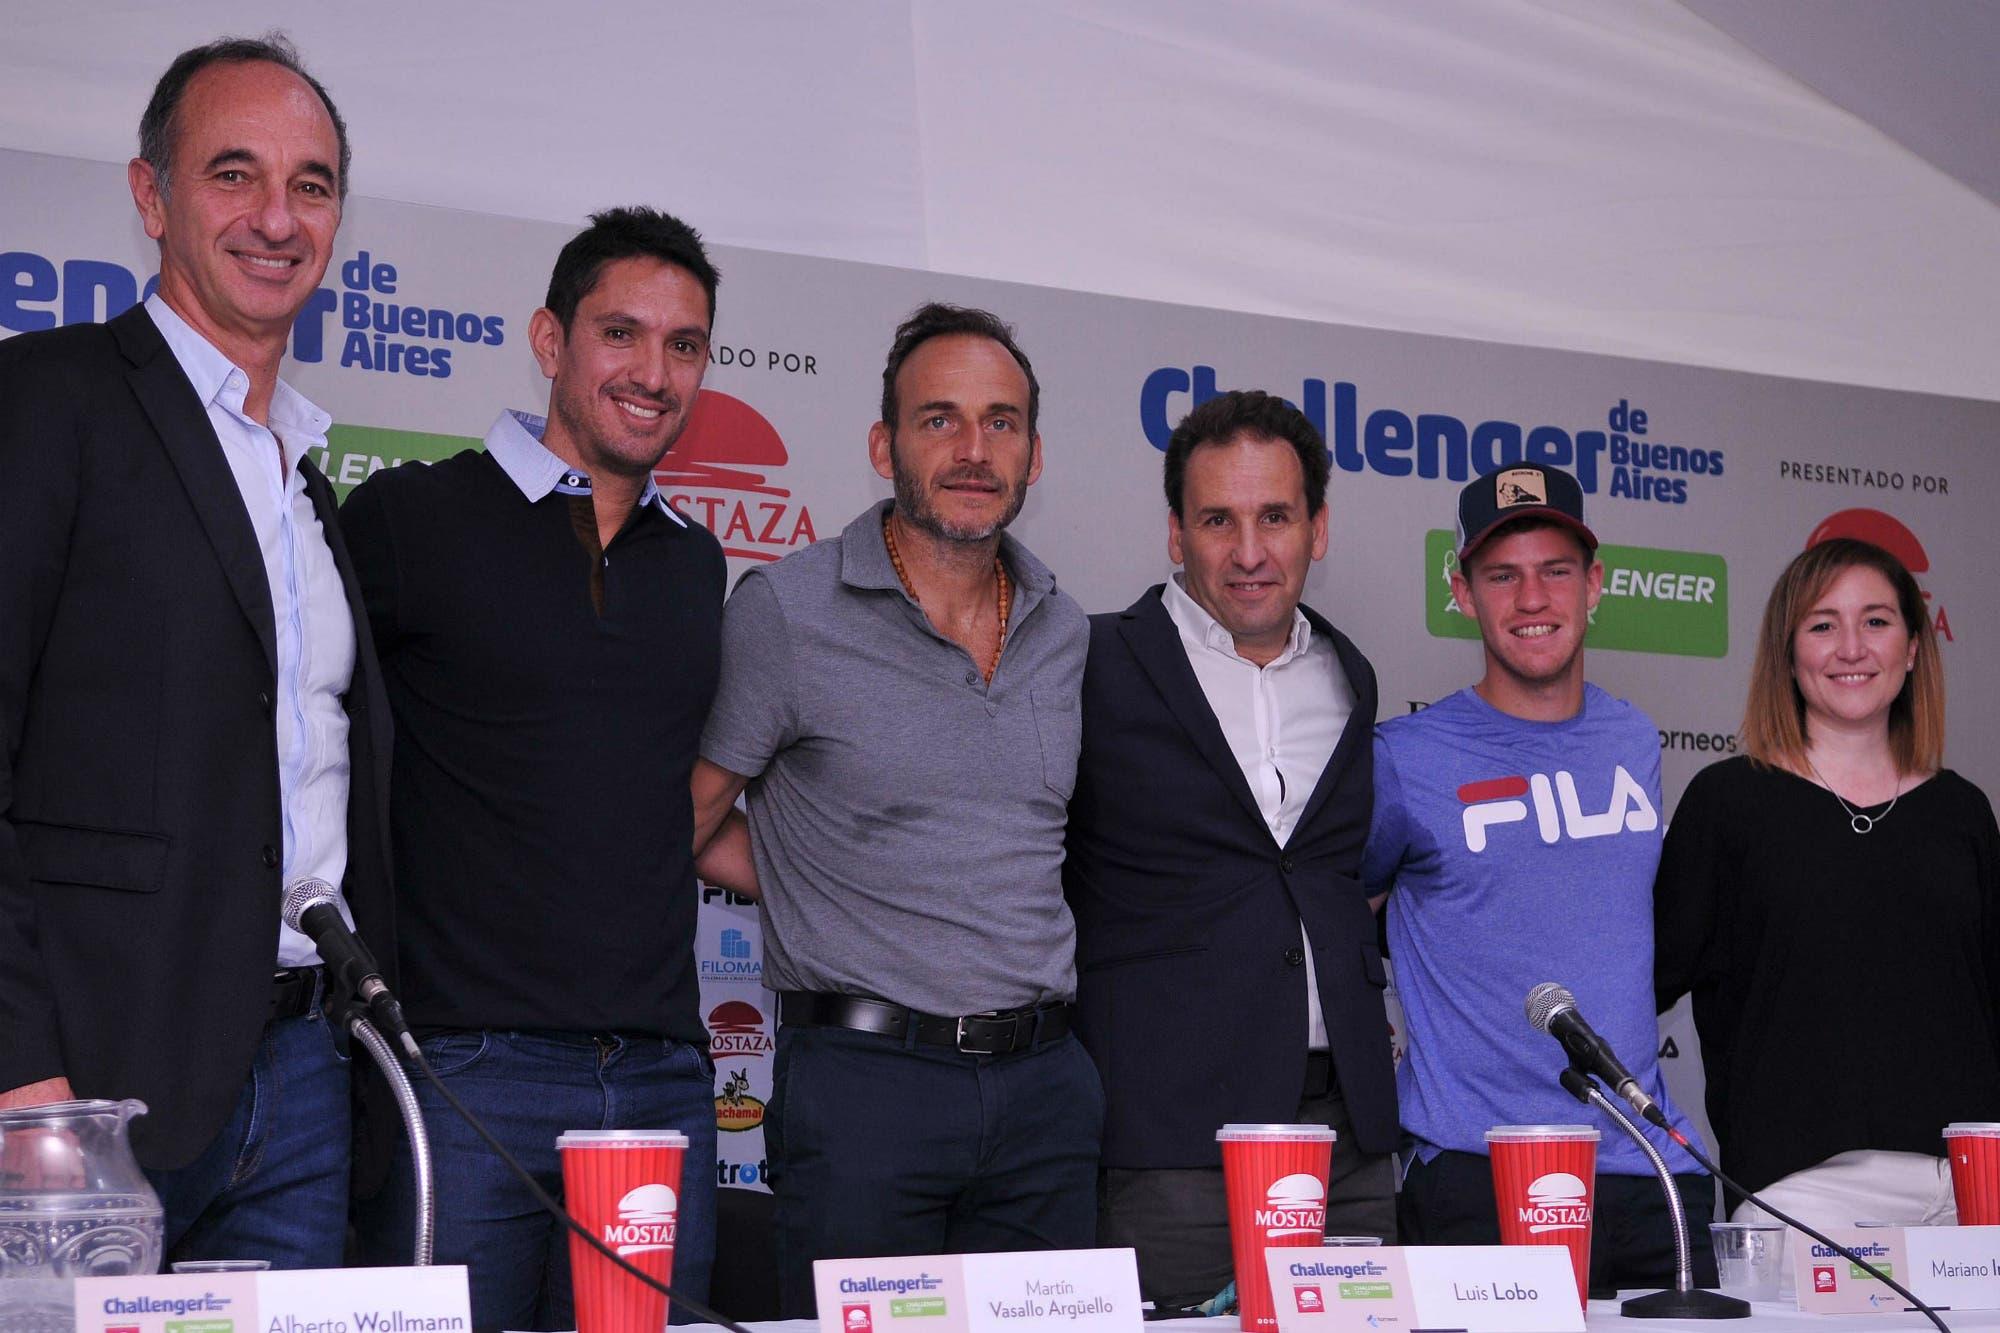 El tenis vuelve a Palermo con varias figuras en el Challenger de Buenos Aires y un plan a largo plazo